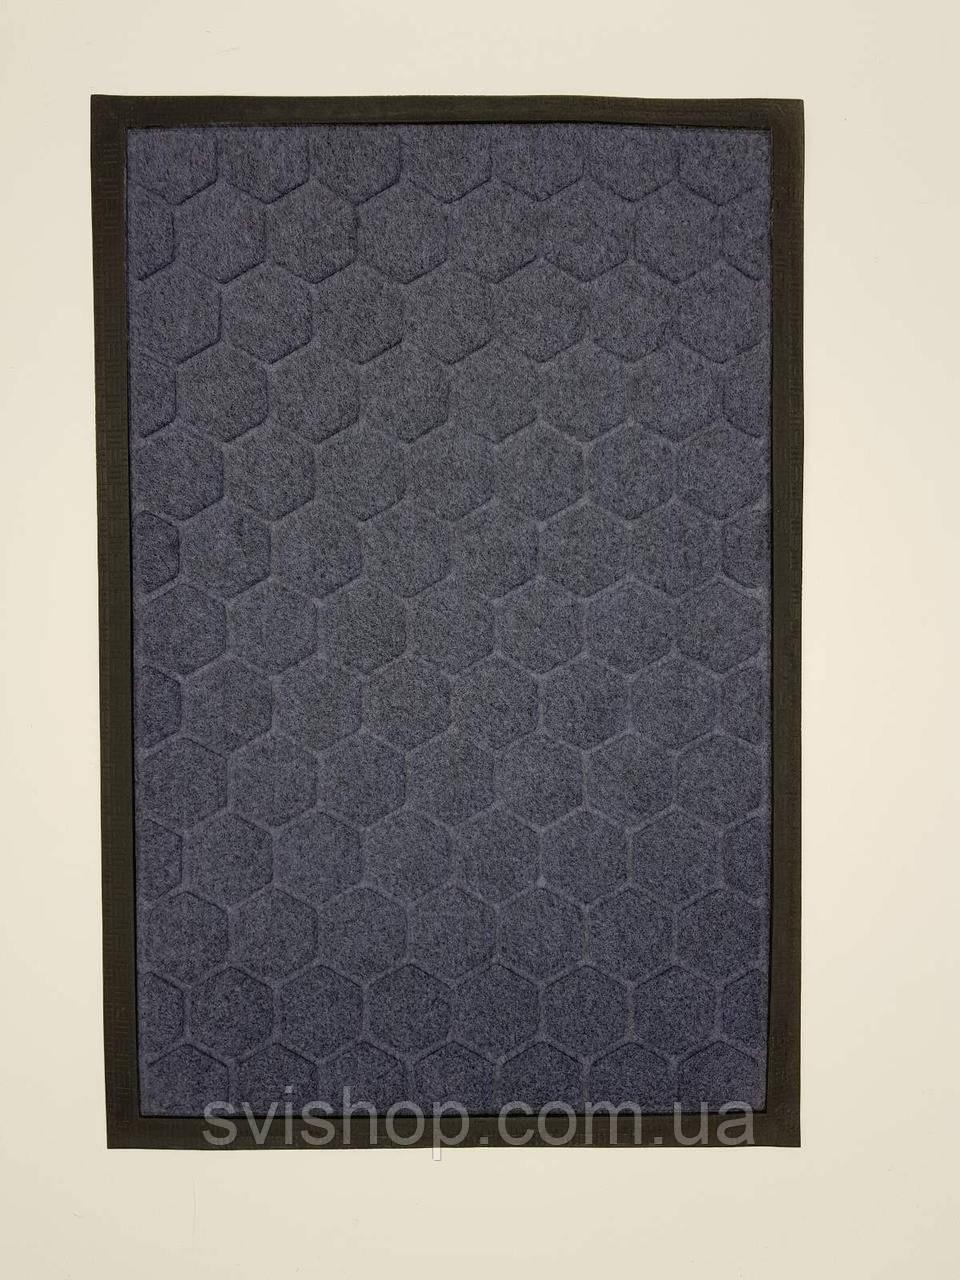 Придверний килимок 40х60 см. (сірий)